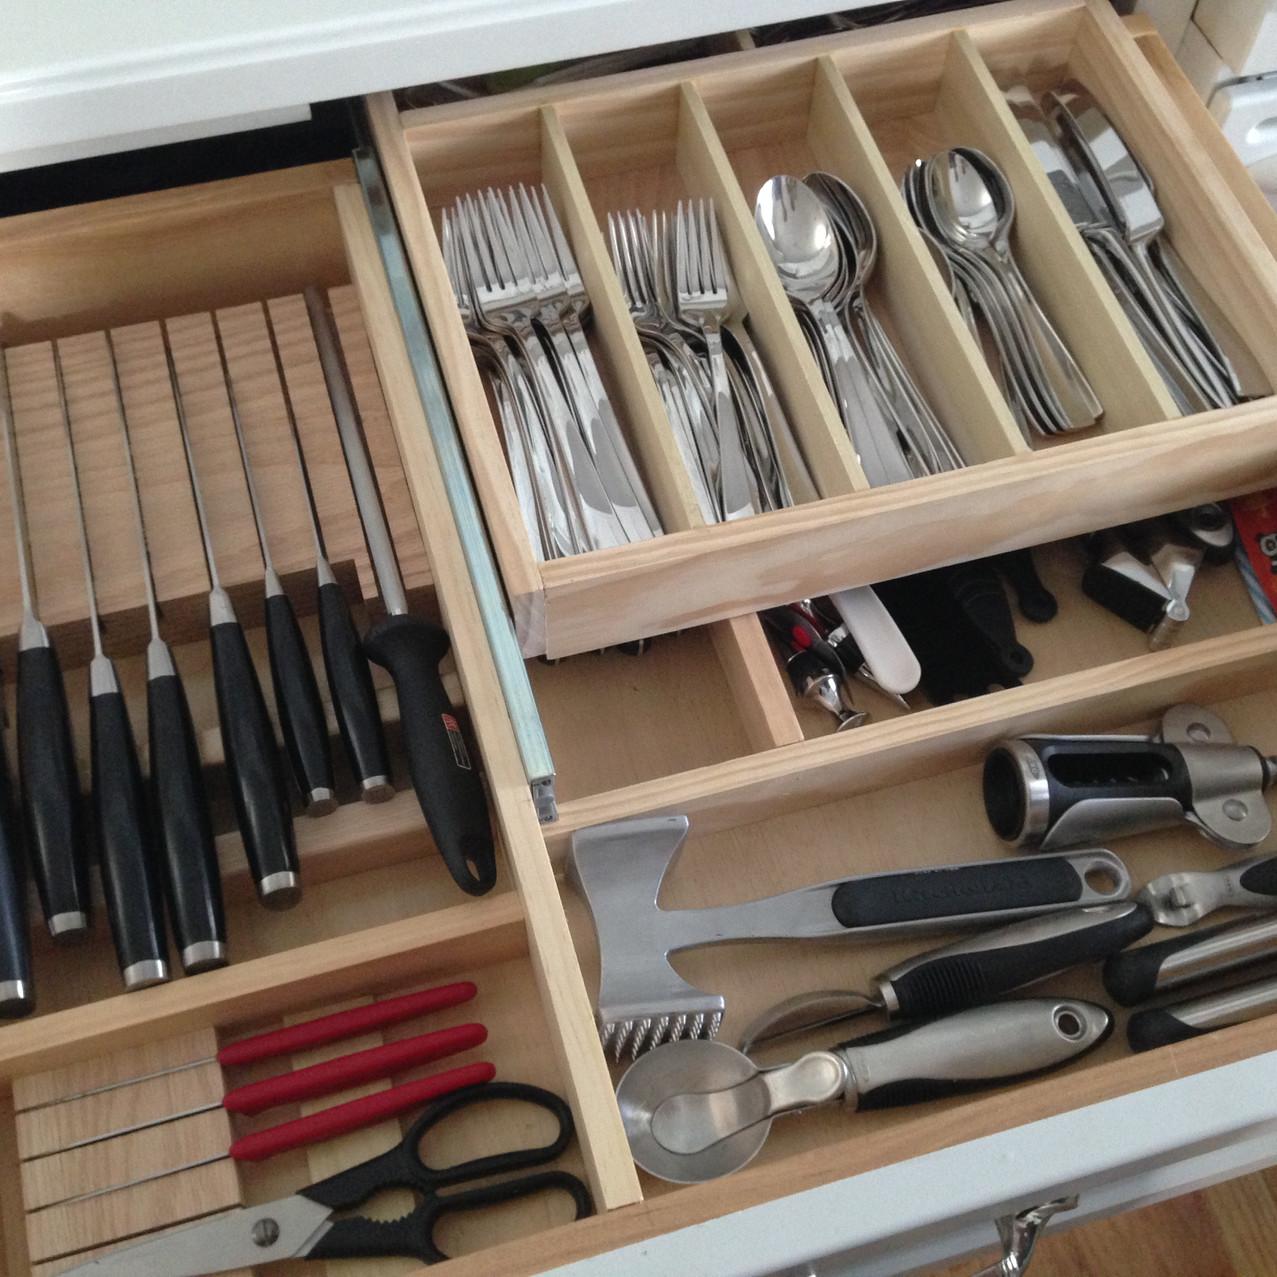 gaveta da cozinha organizada